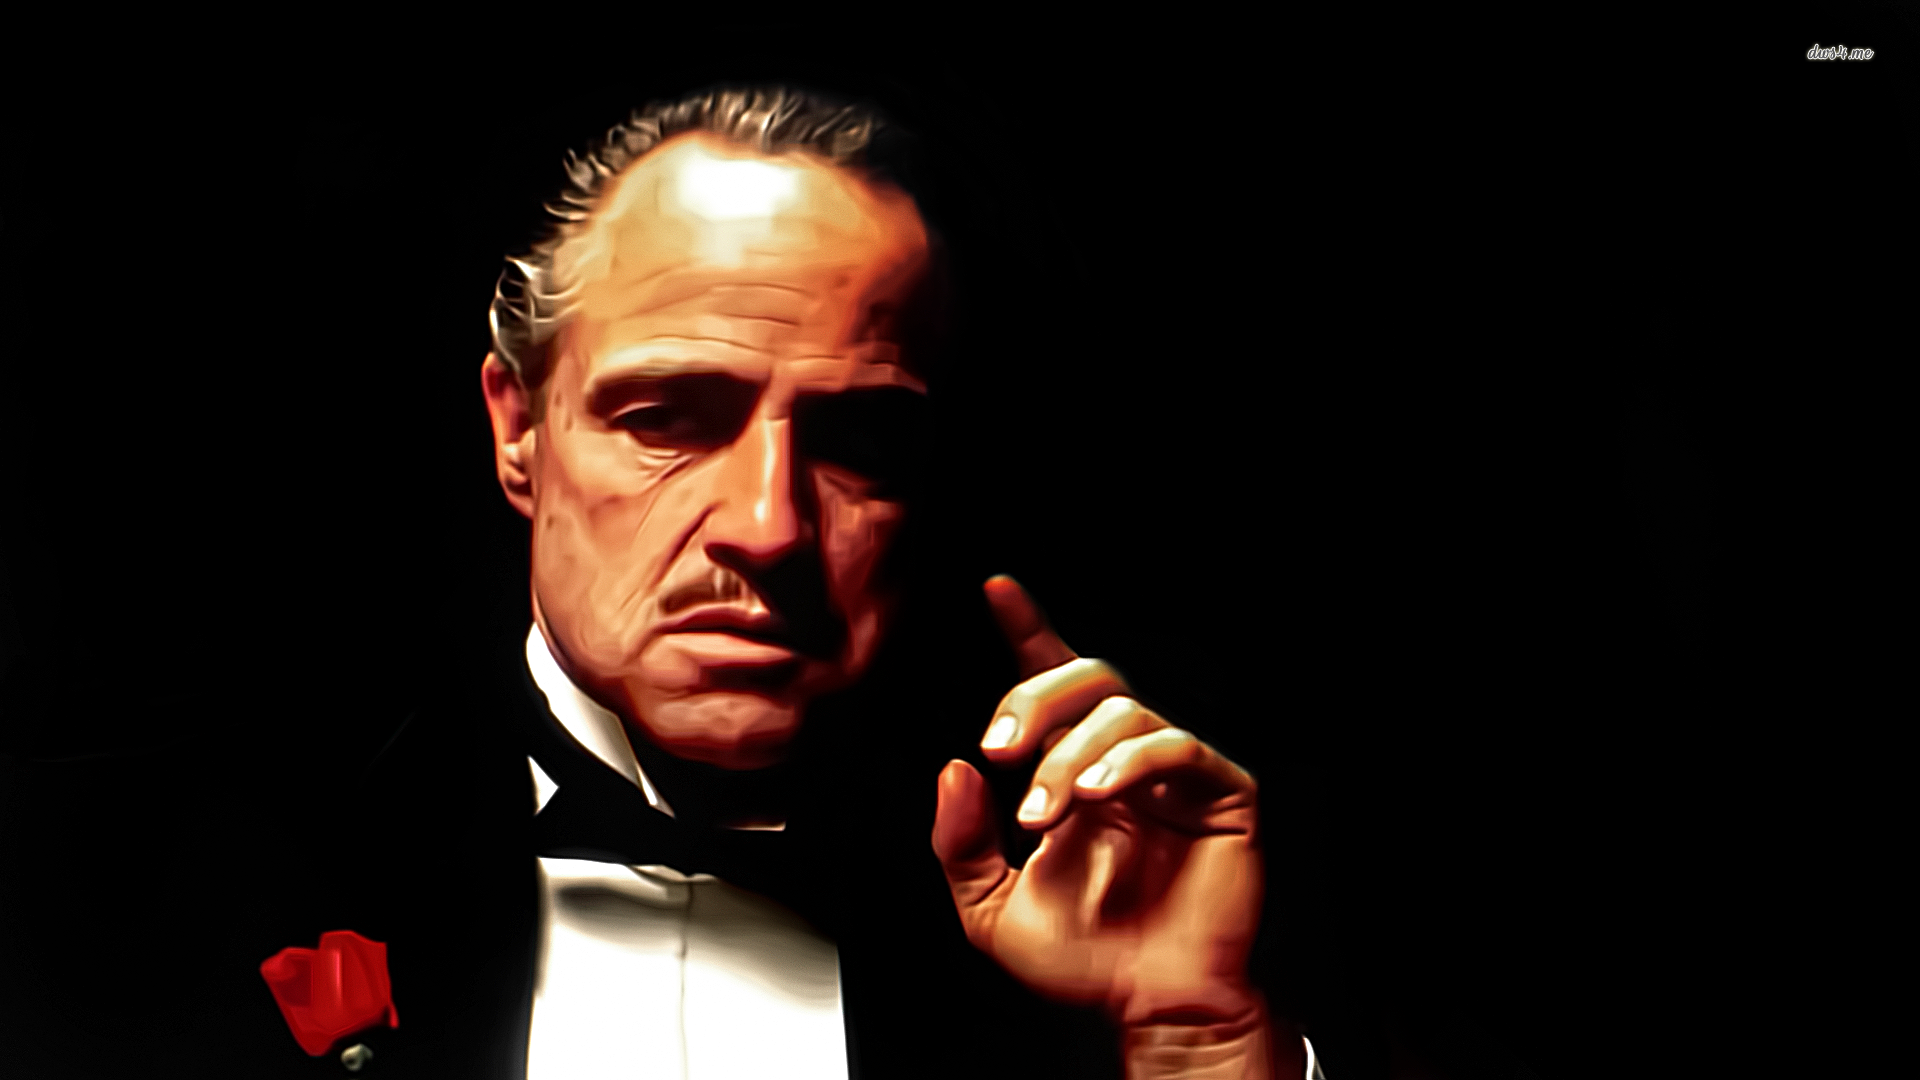 Vito Corleone Wallpapers 1920x1080